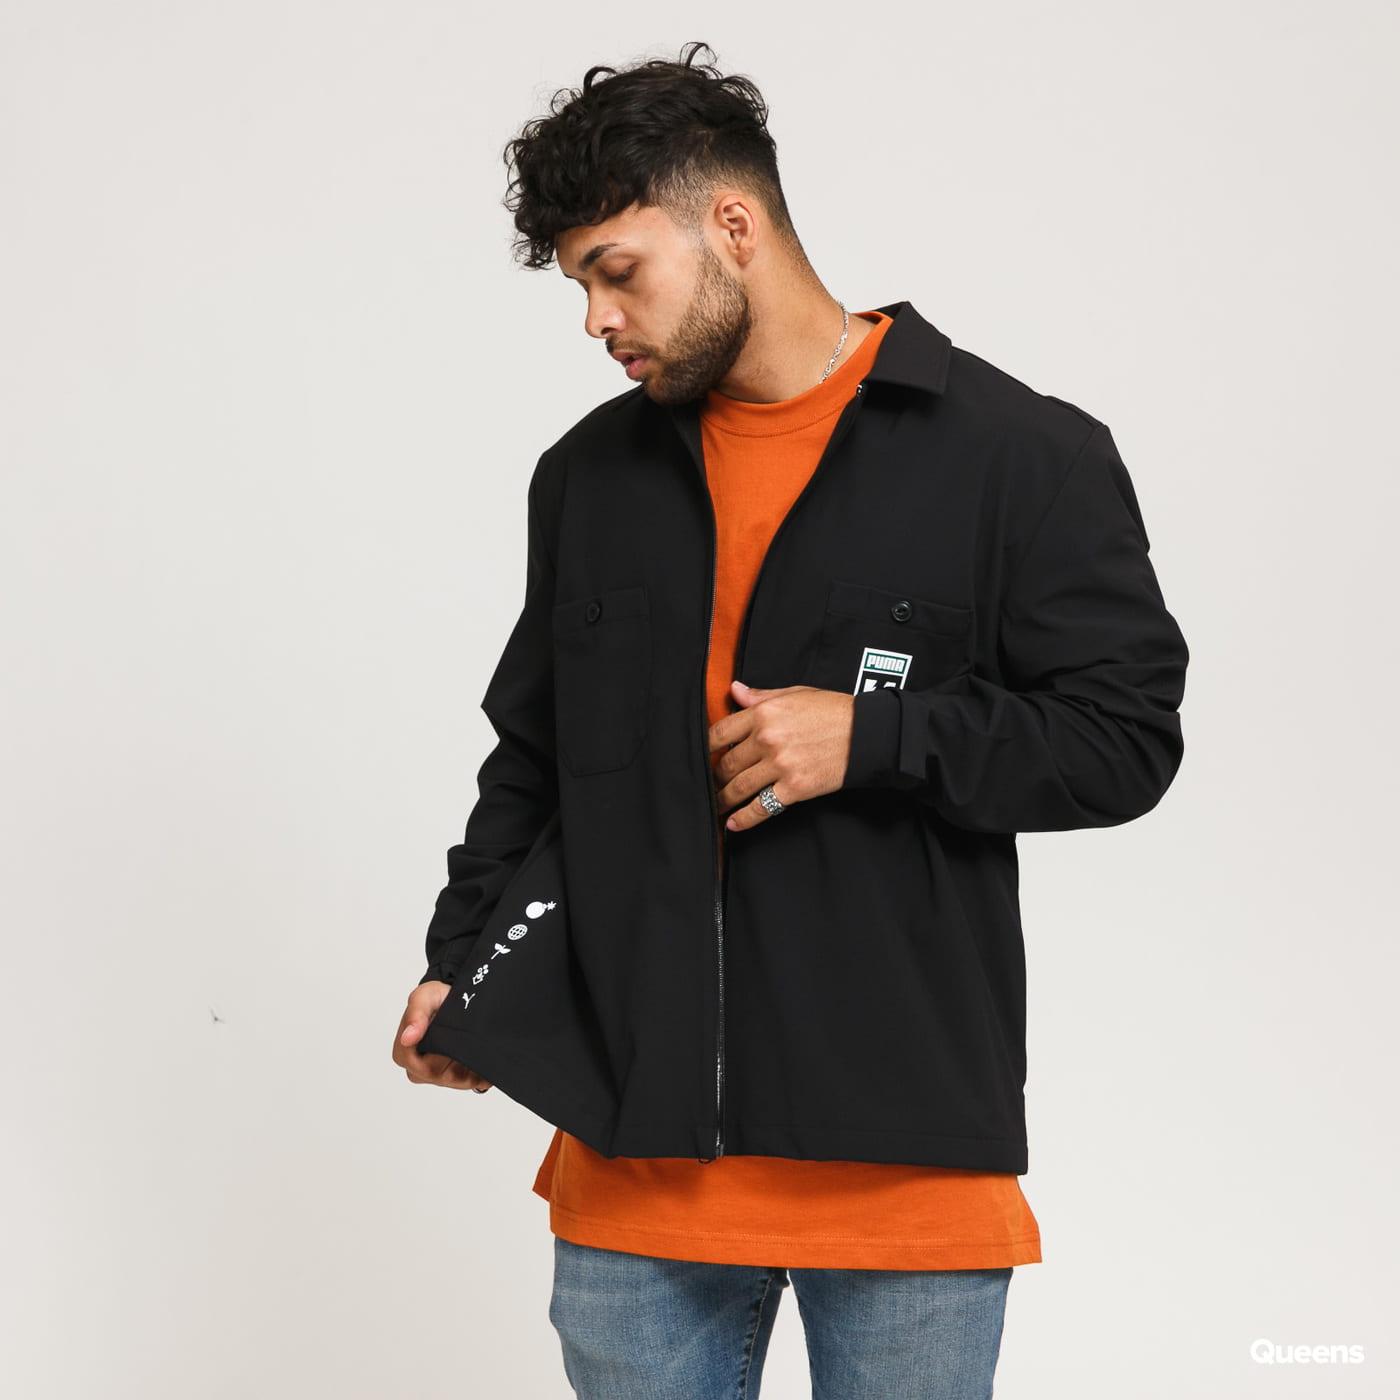 Puma X The Hundreds Chore Jacket černá